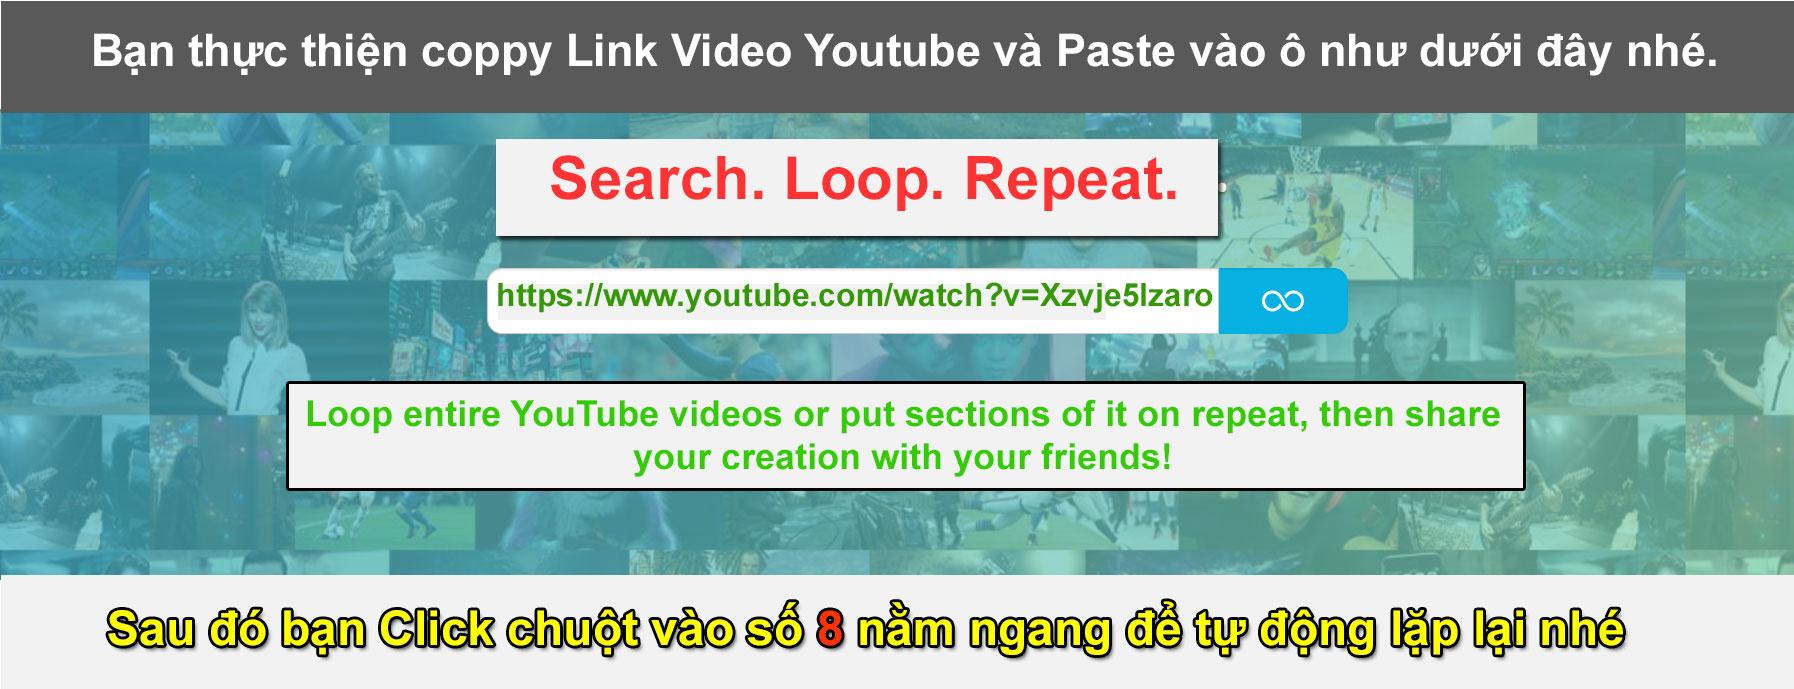 Phát lại Video hoặc đoạn Video bằng tiện ích EndlessVideo